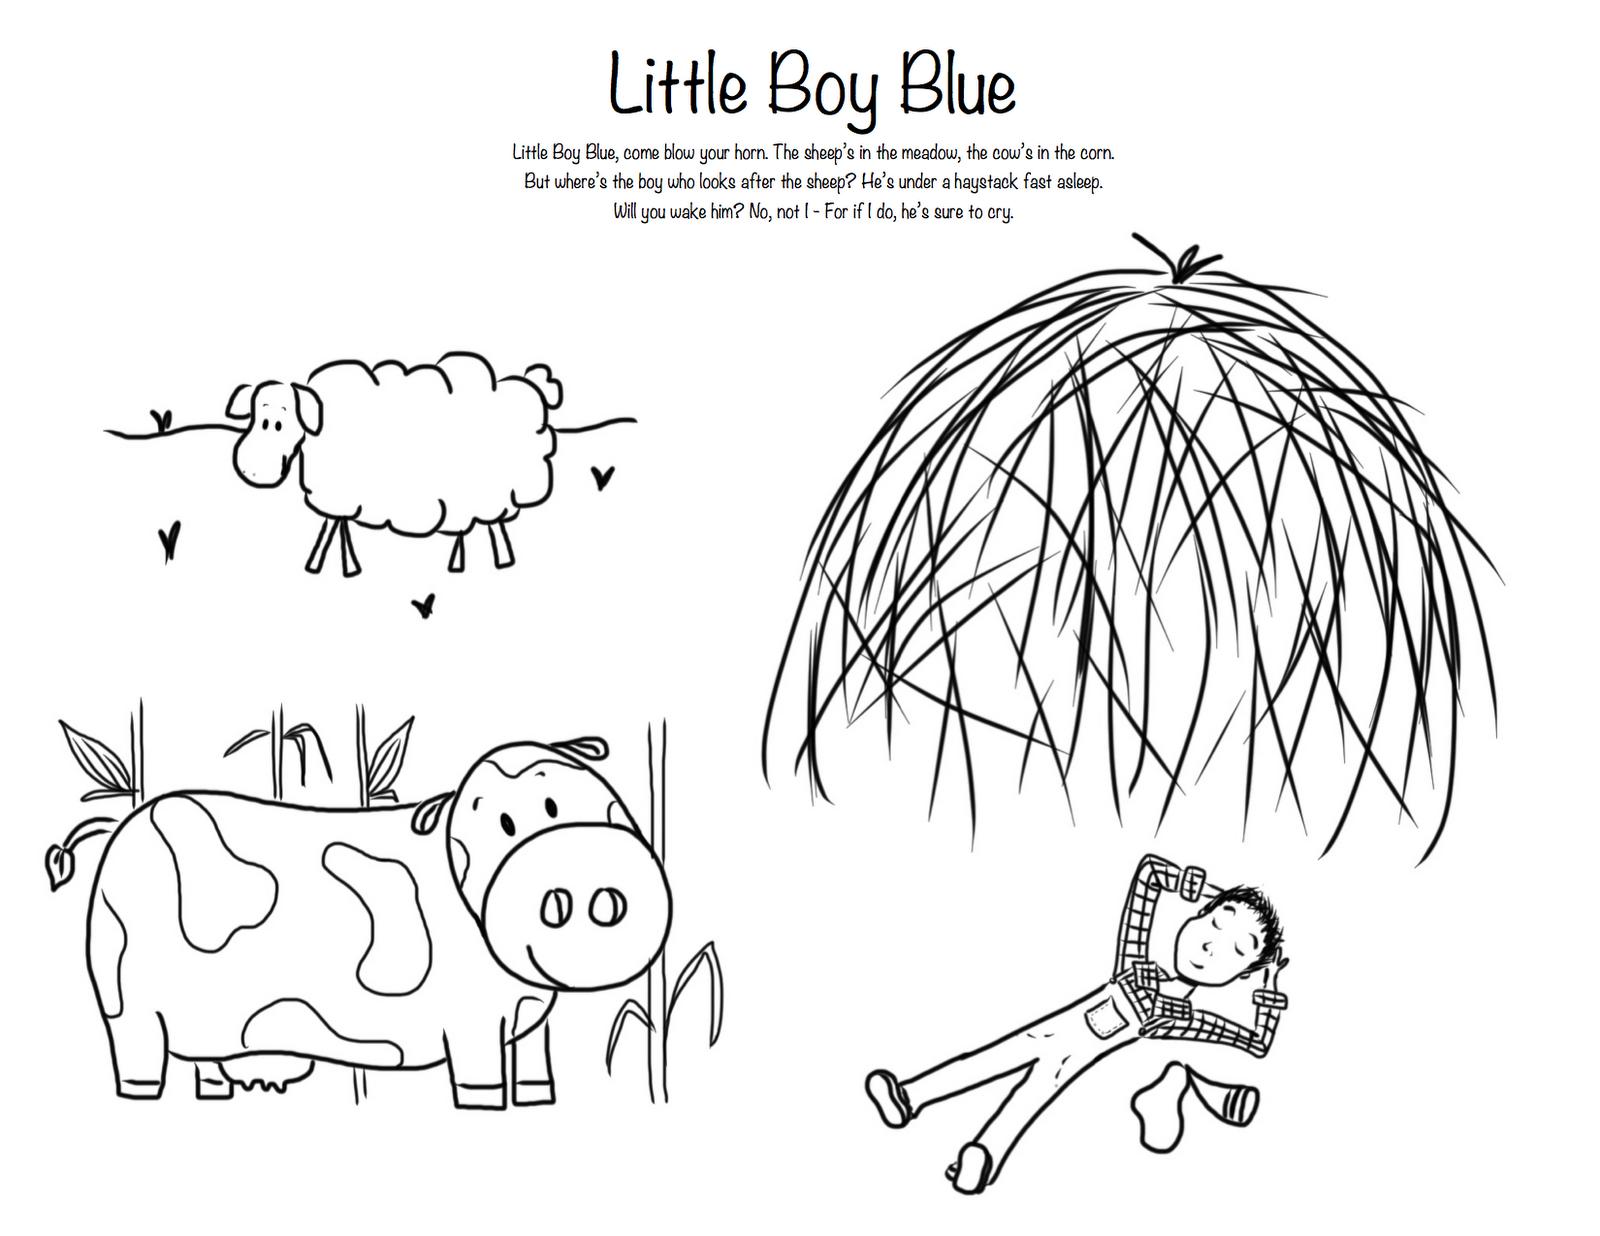 LittleBoyBluepng